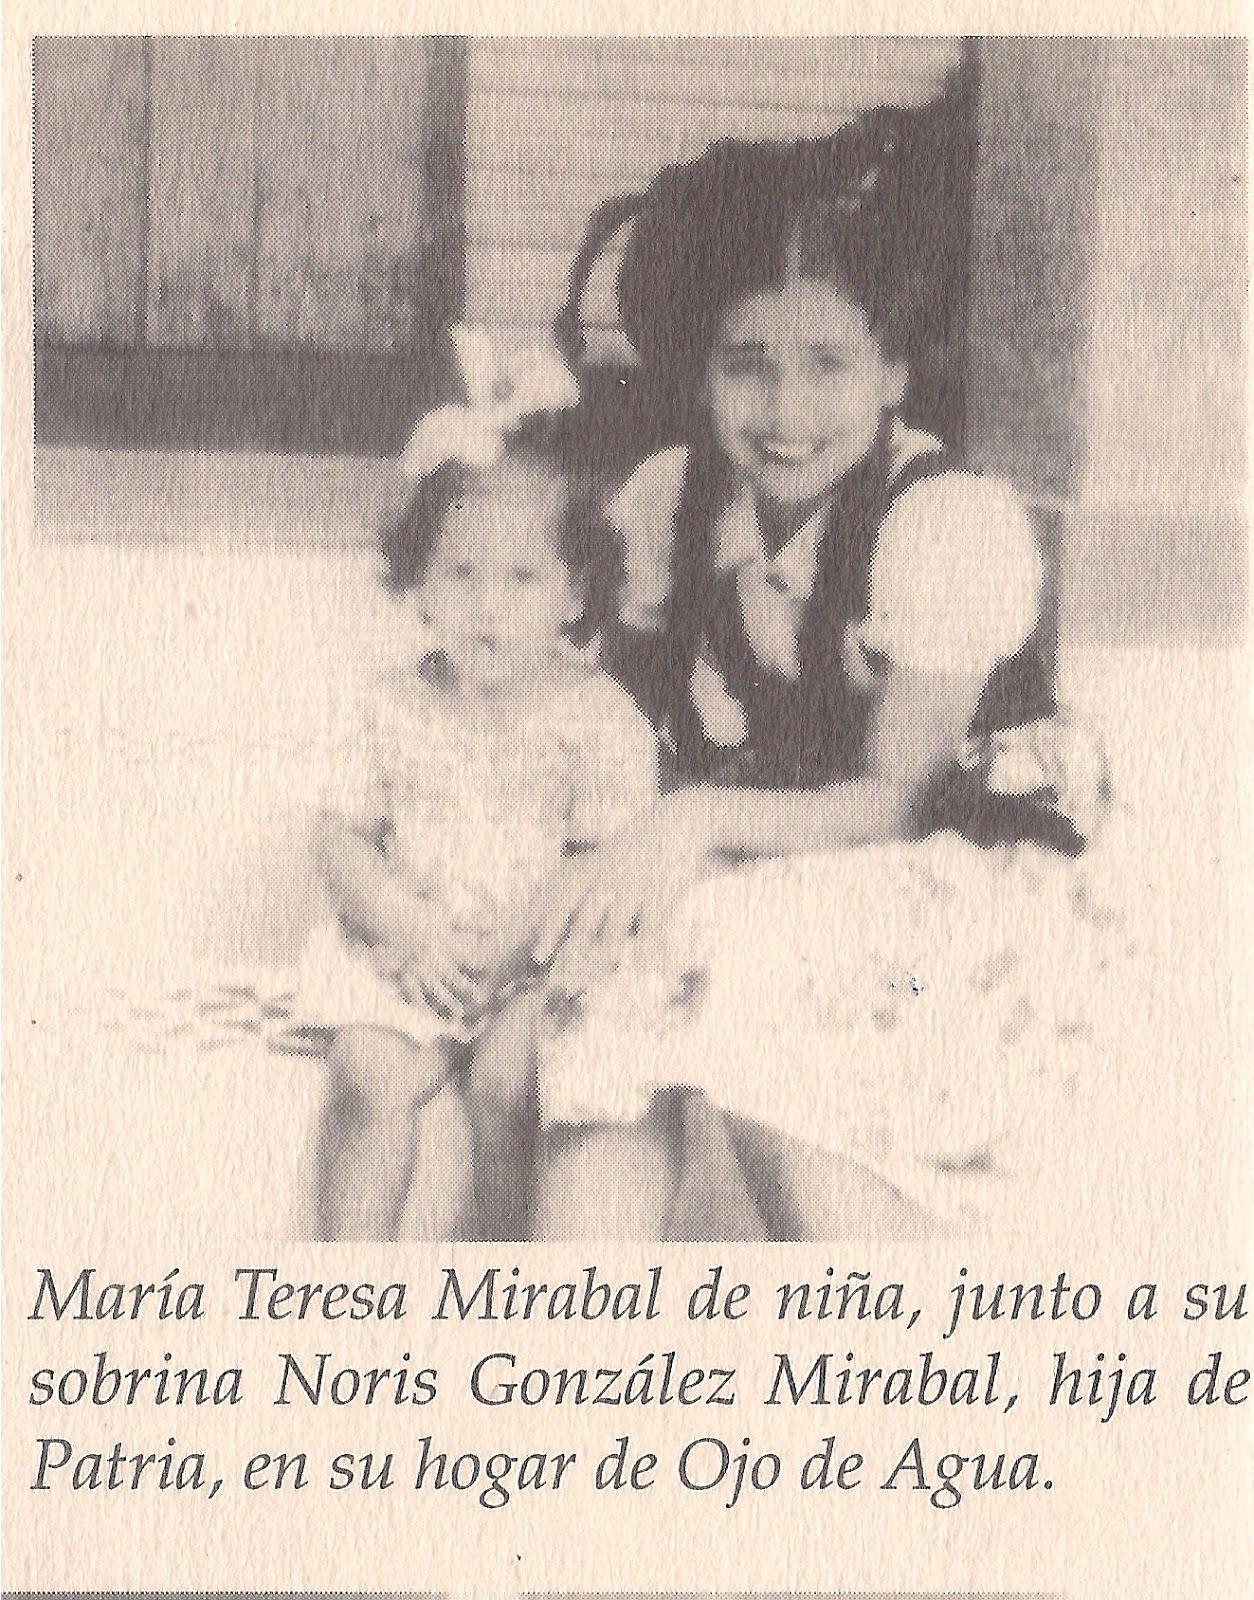 Fotos de la muerte de las hermanas mirabal 89